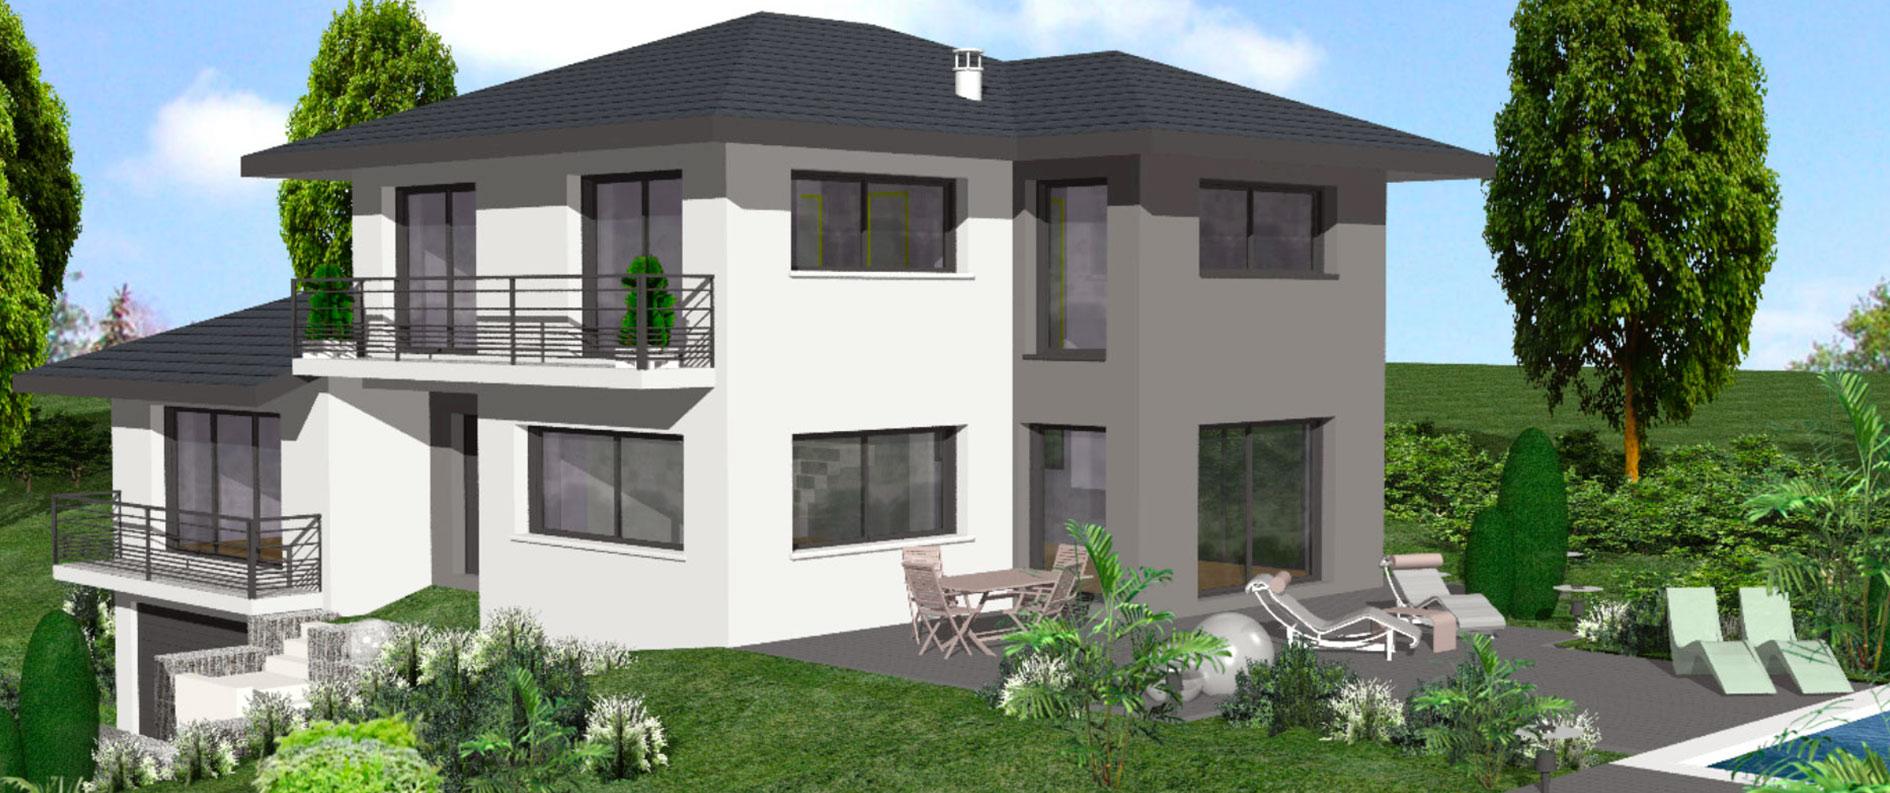 Constructeur de maison en savoie haute savoie for Constructeur maison 33